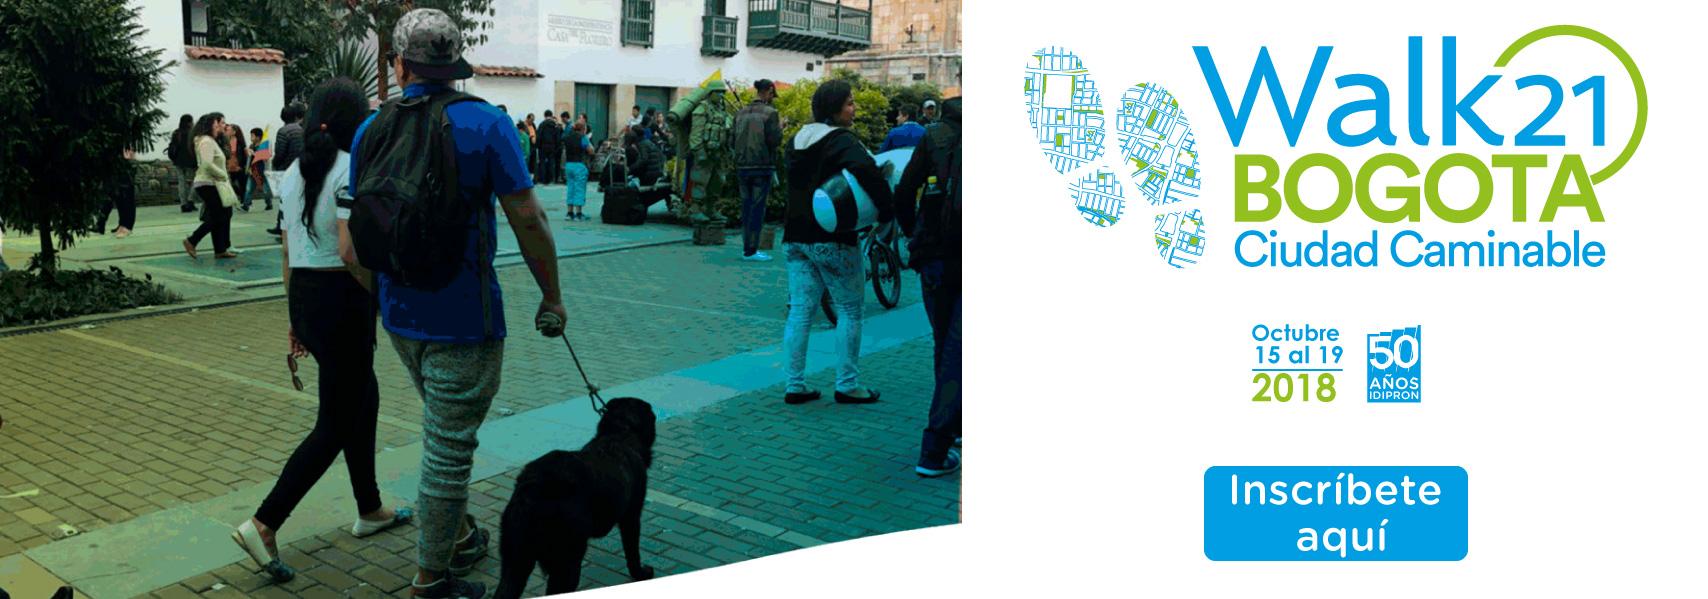 Invitación Walk 21 Bogotá 2018